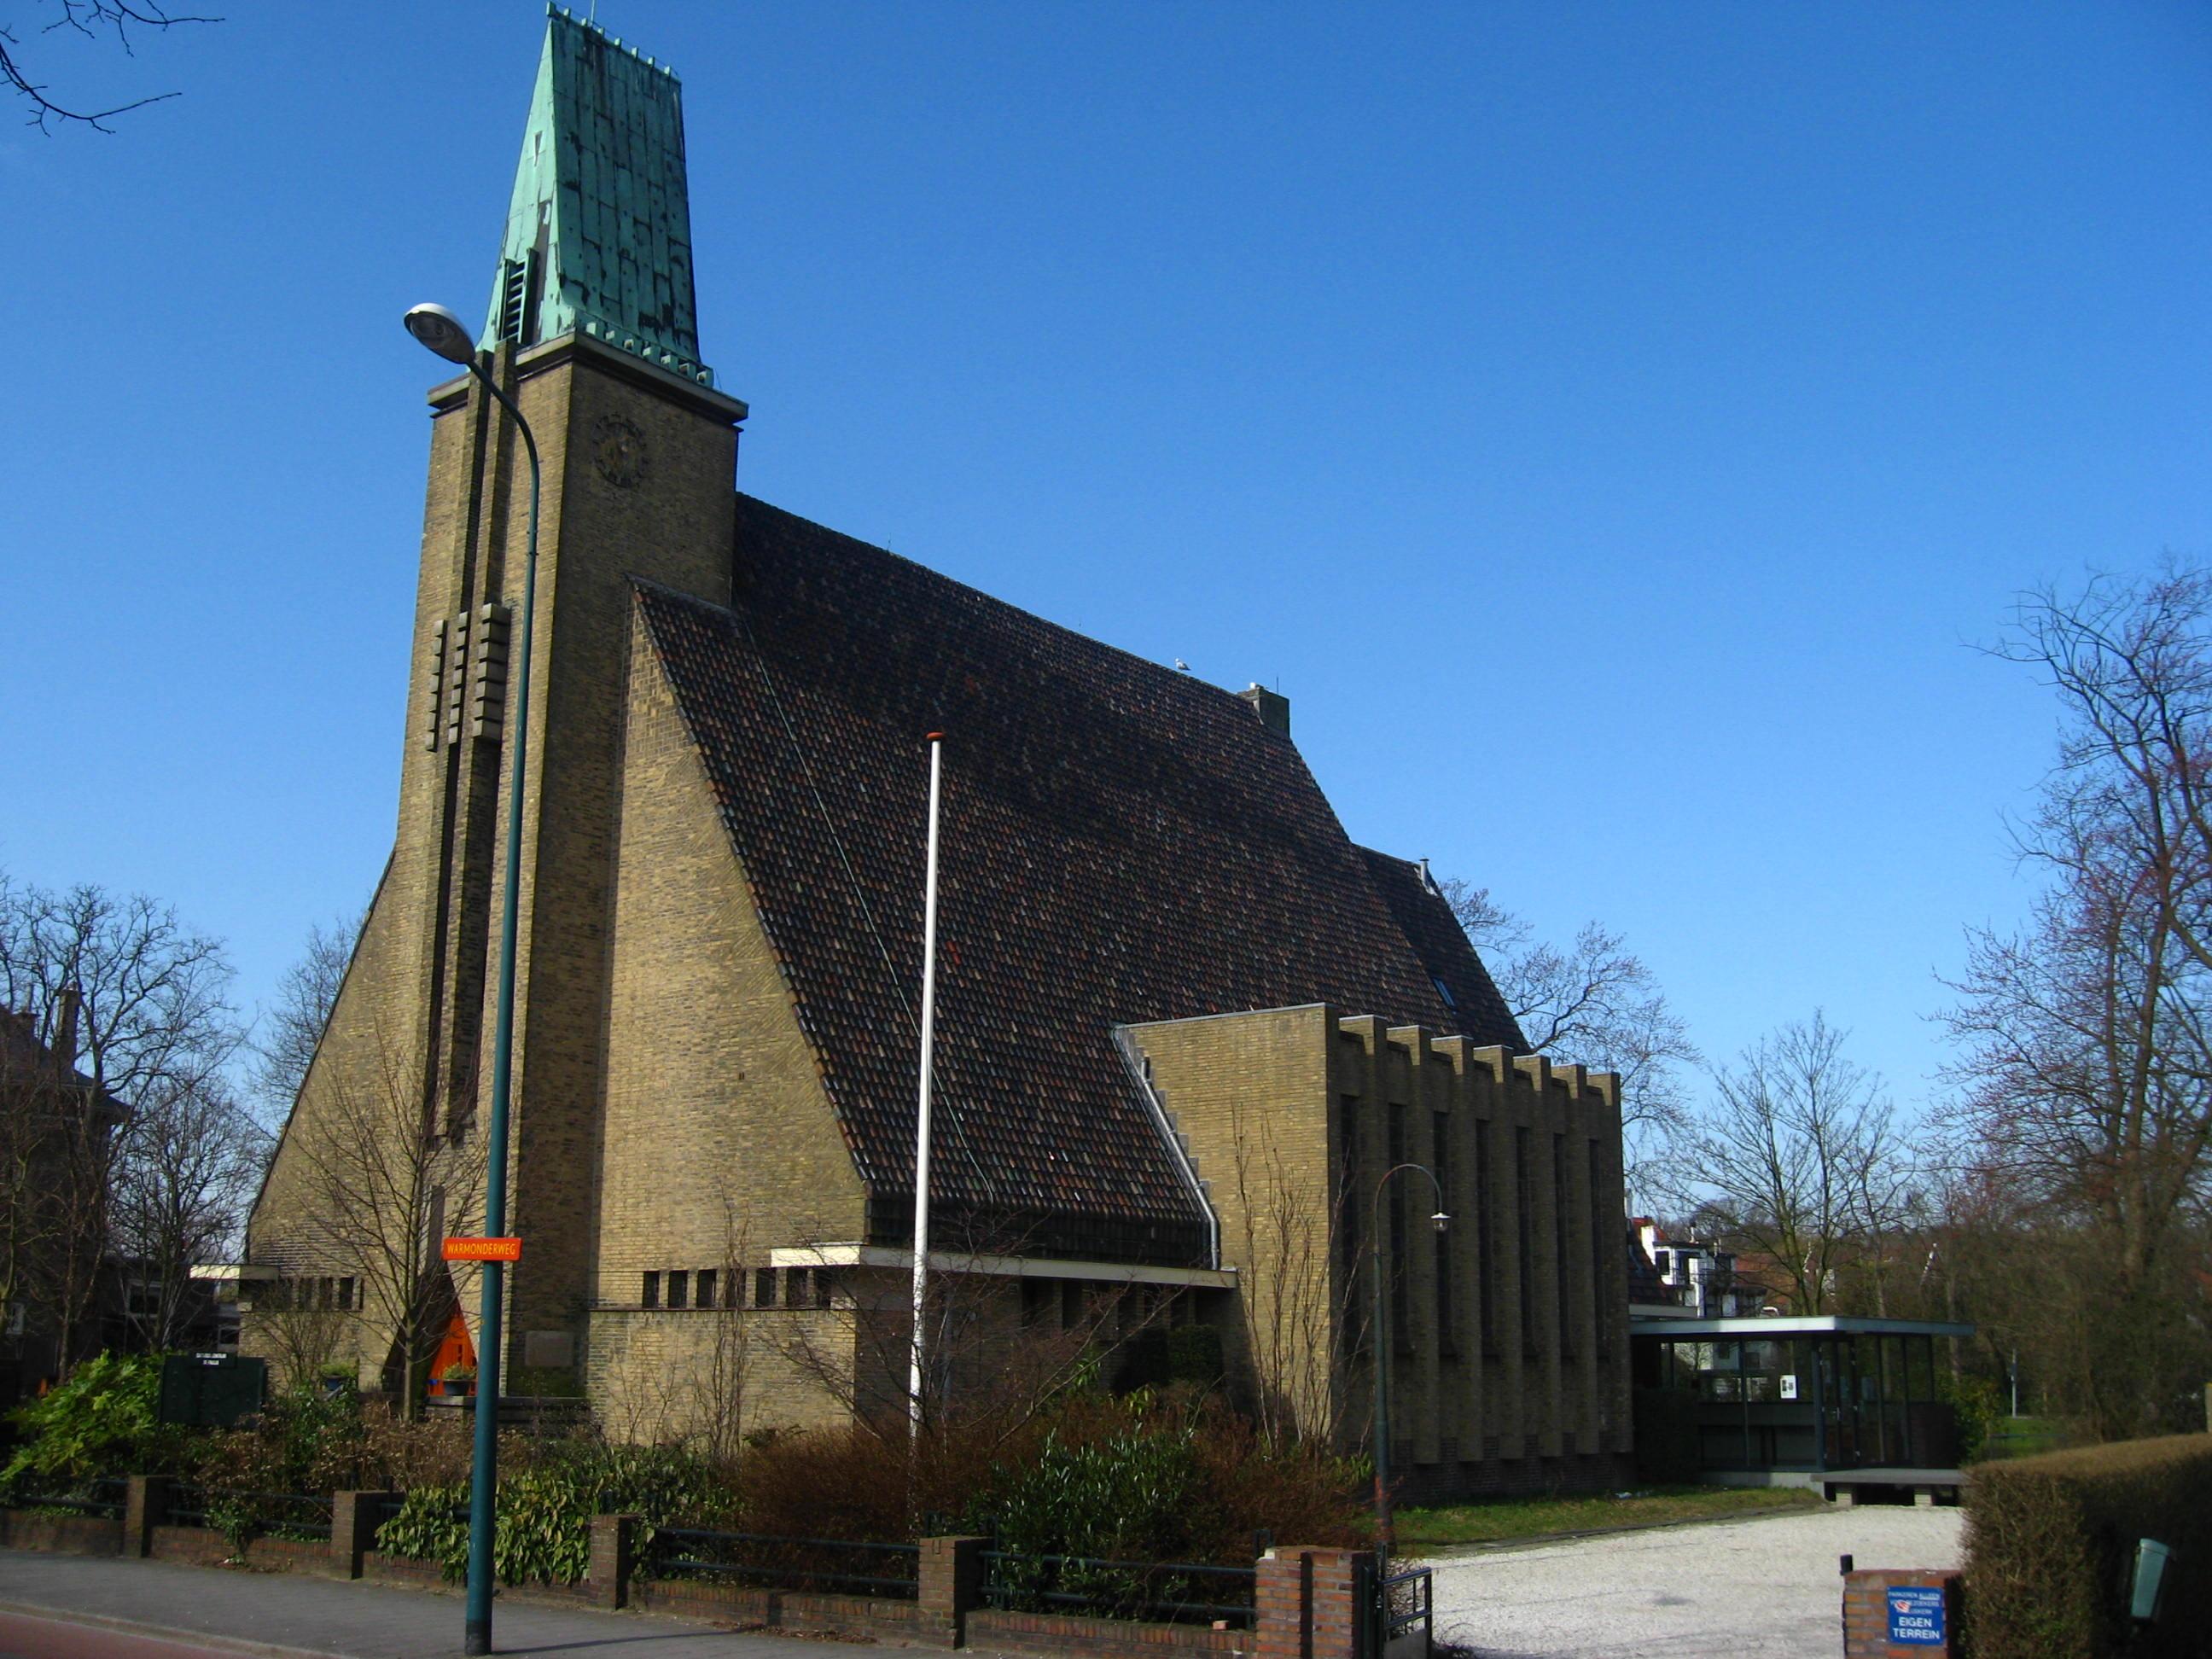 pauluskerk_oegstgeest_-_rm_nr-_515005